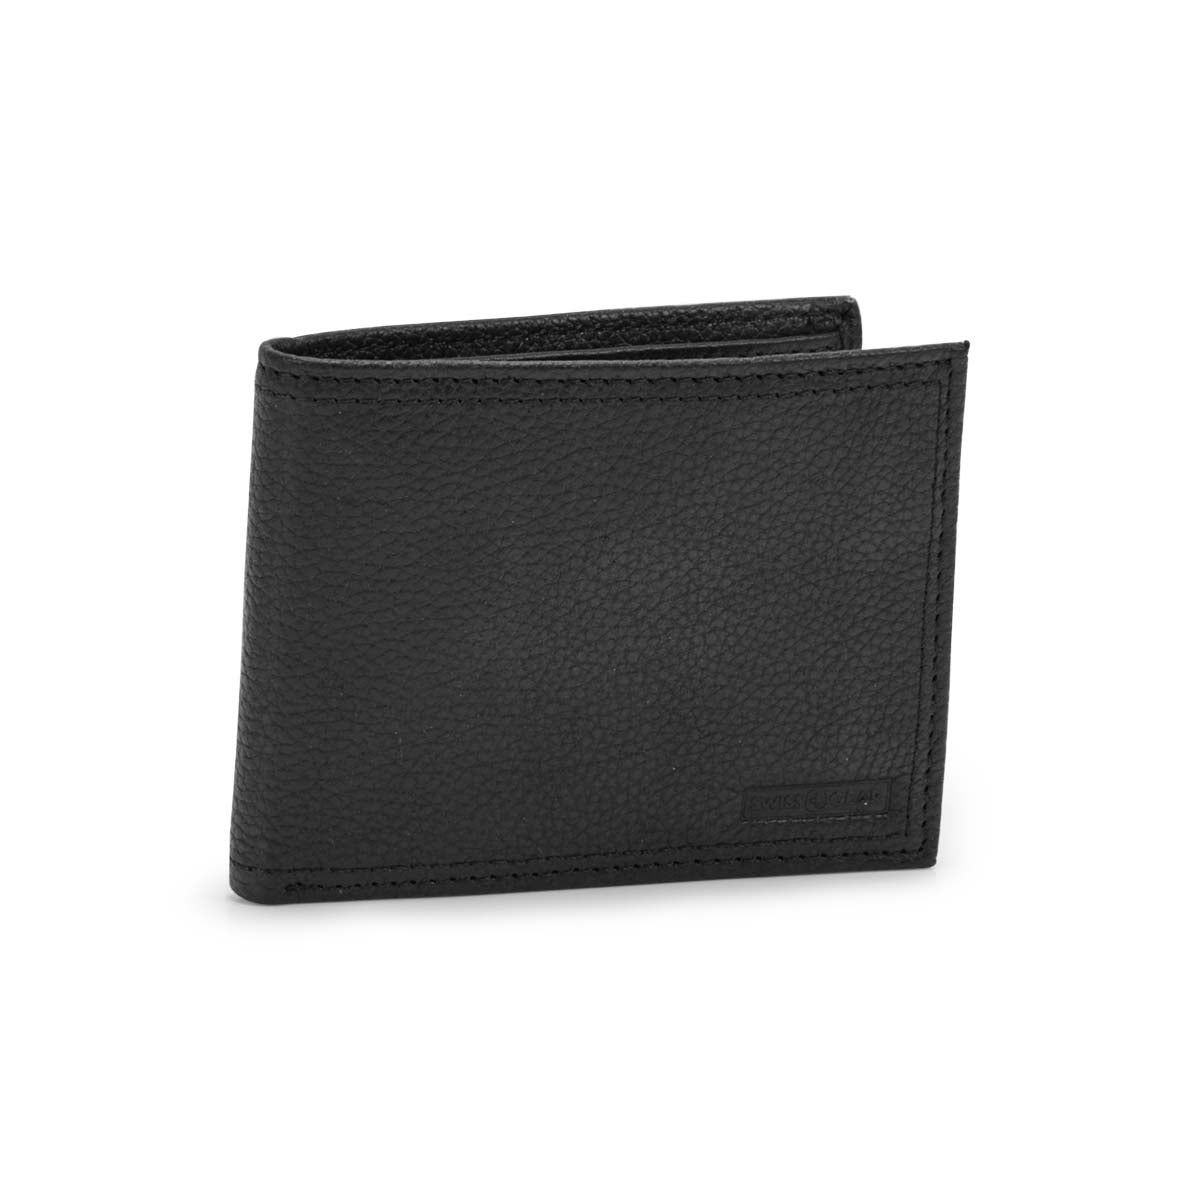 Women's black RFID ID flap billfold wallet